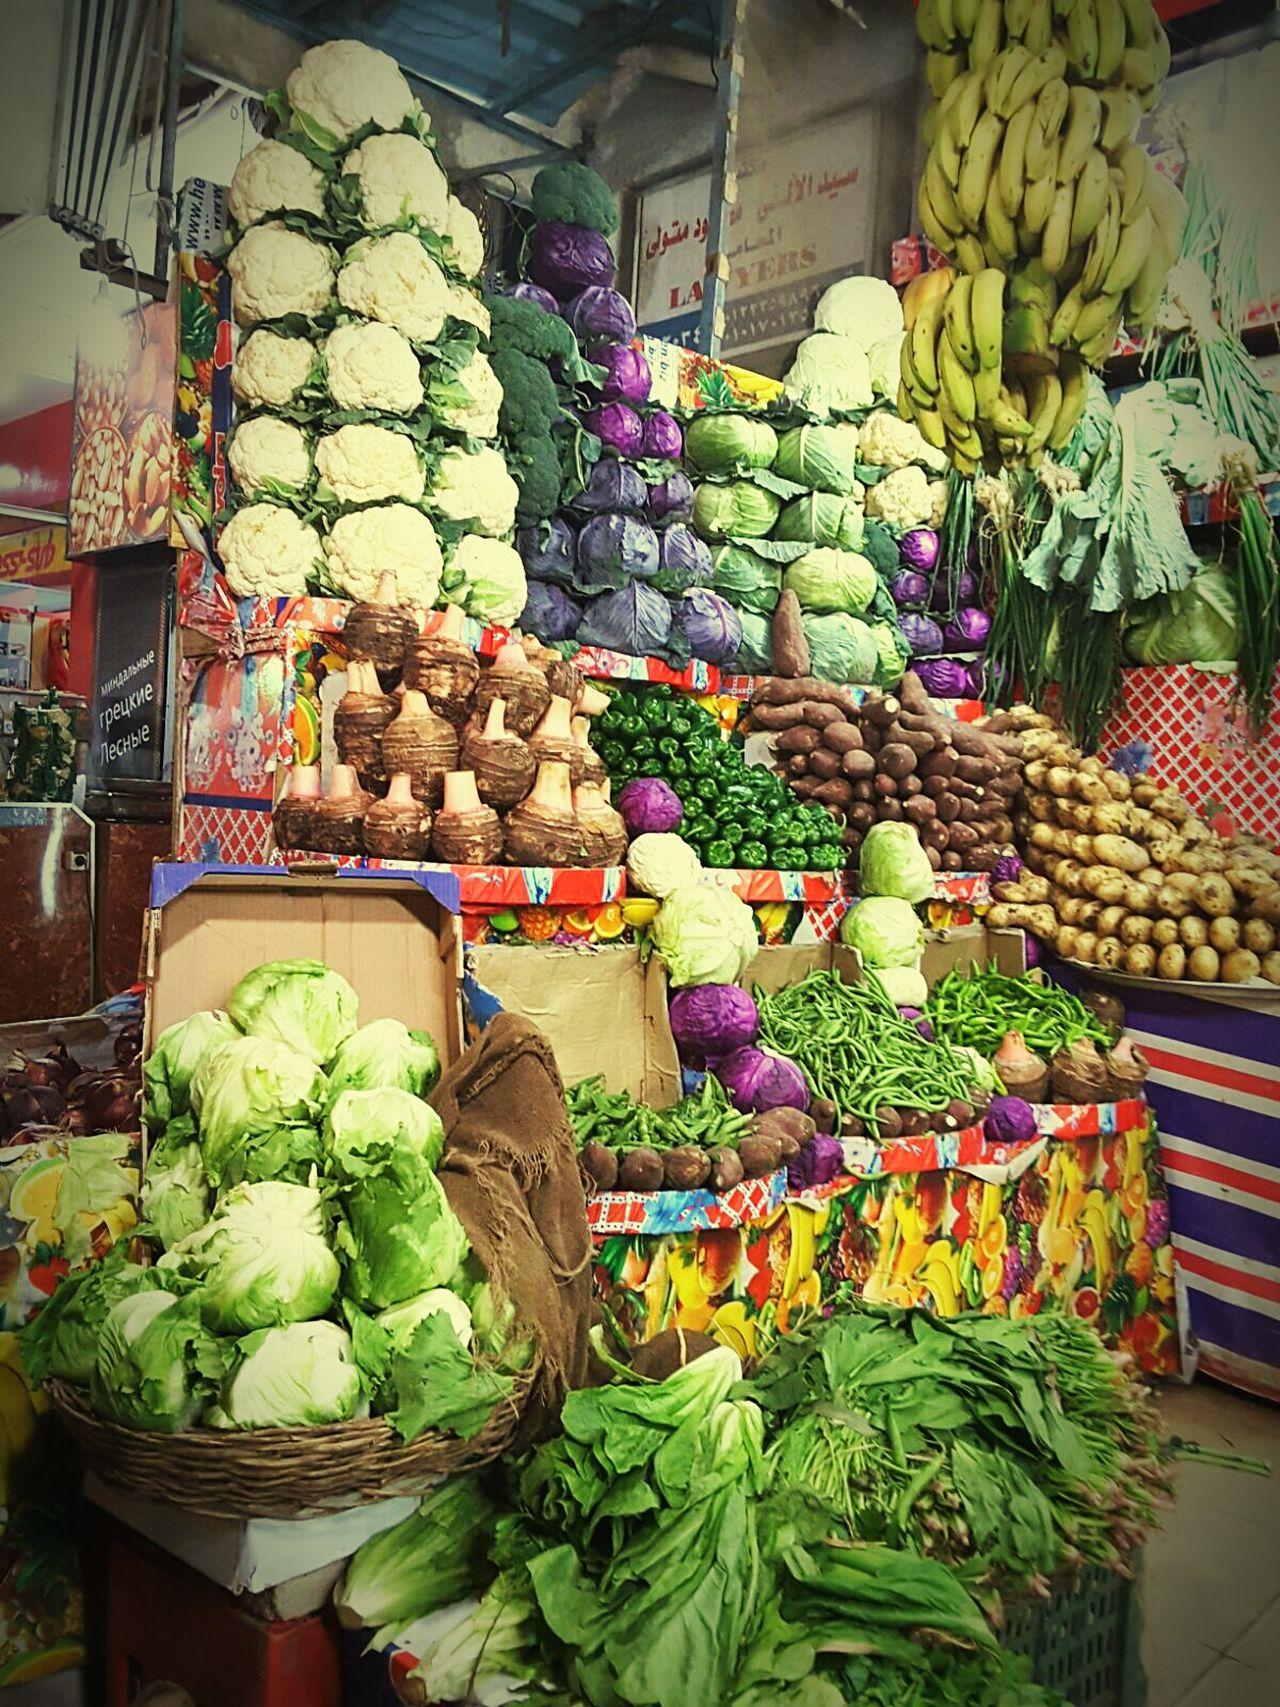 Market For Sale Market Stall Cabbage Multi Colored Food Vegetable Freshness Fruit Sharm El-Sheikh Viajar